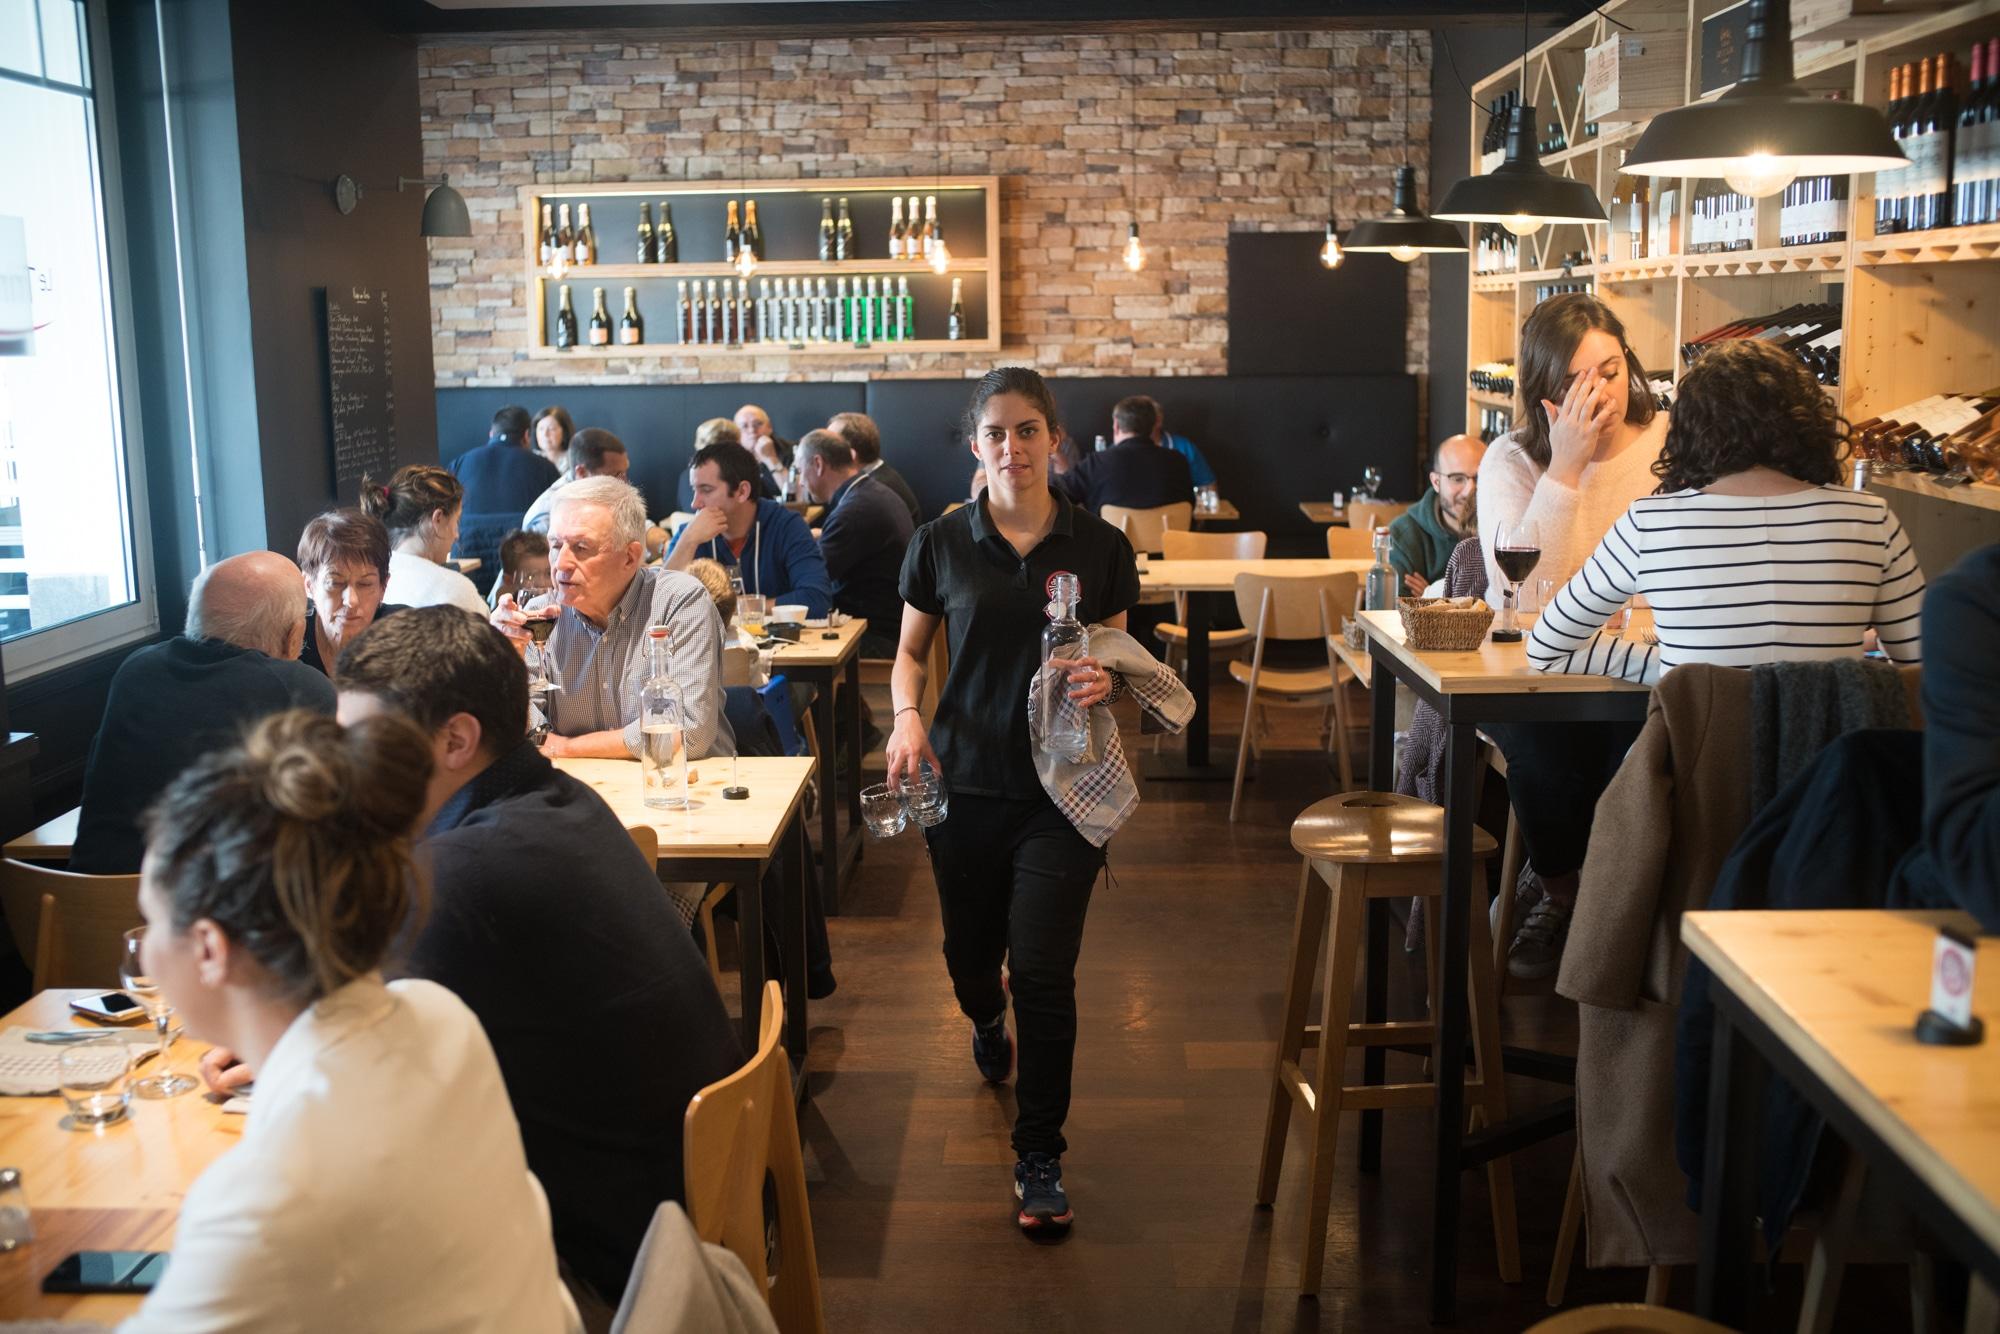 Océane, marchant au milieu de la salle du restaurant, porte une bouteille et des verres.